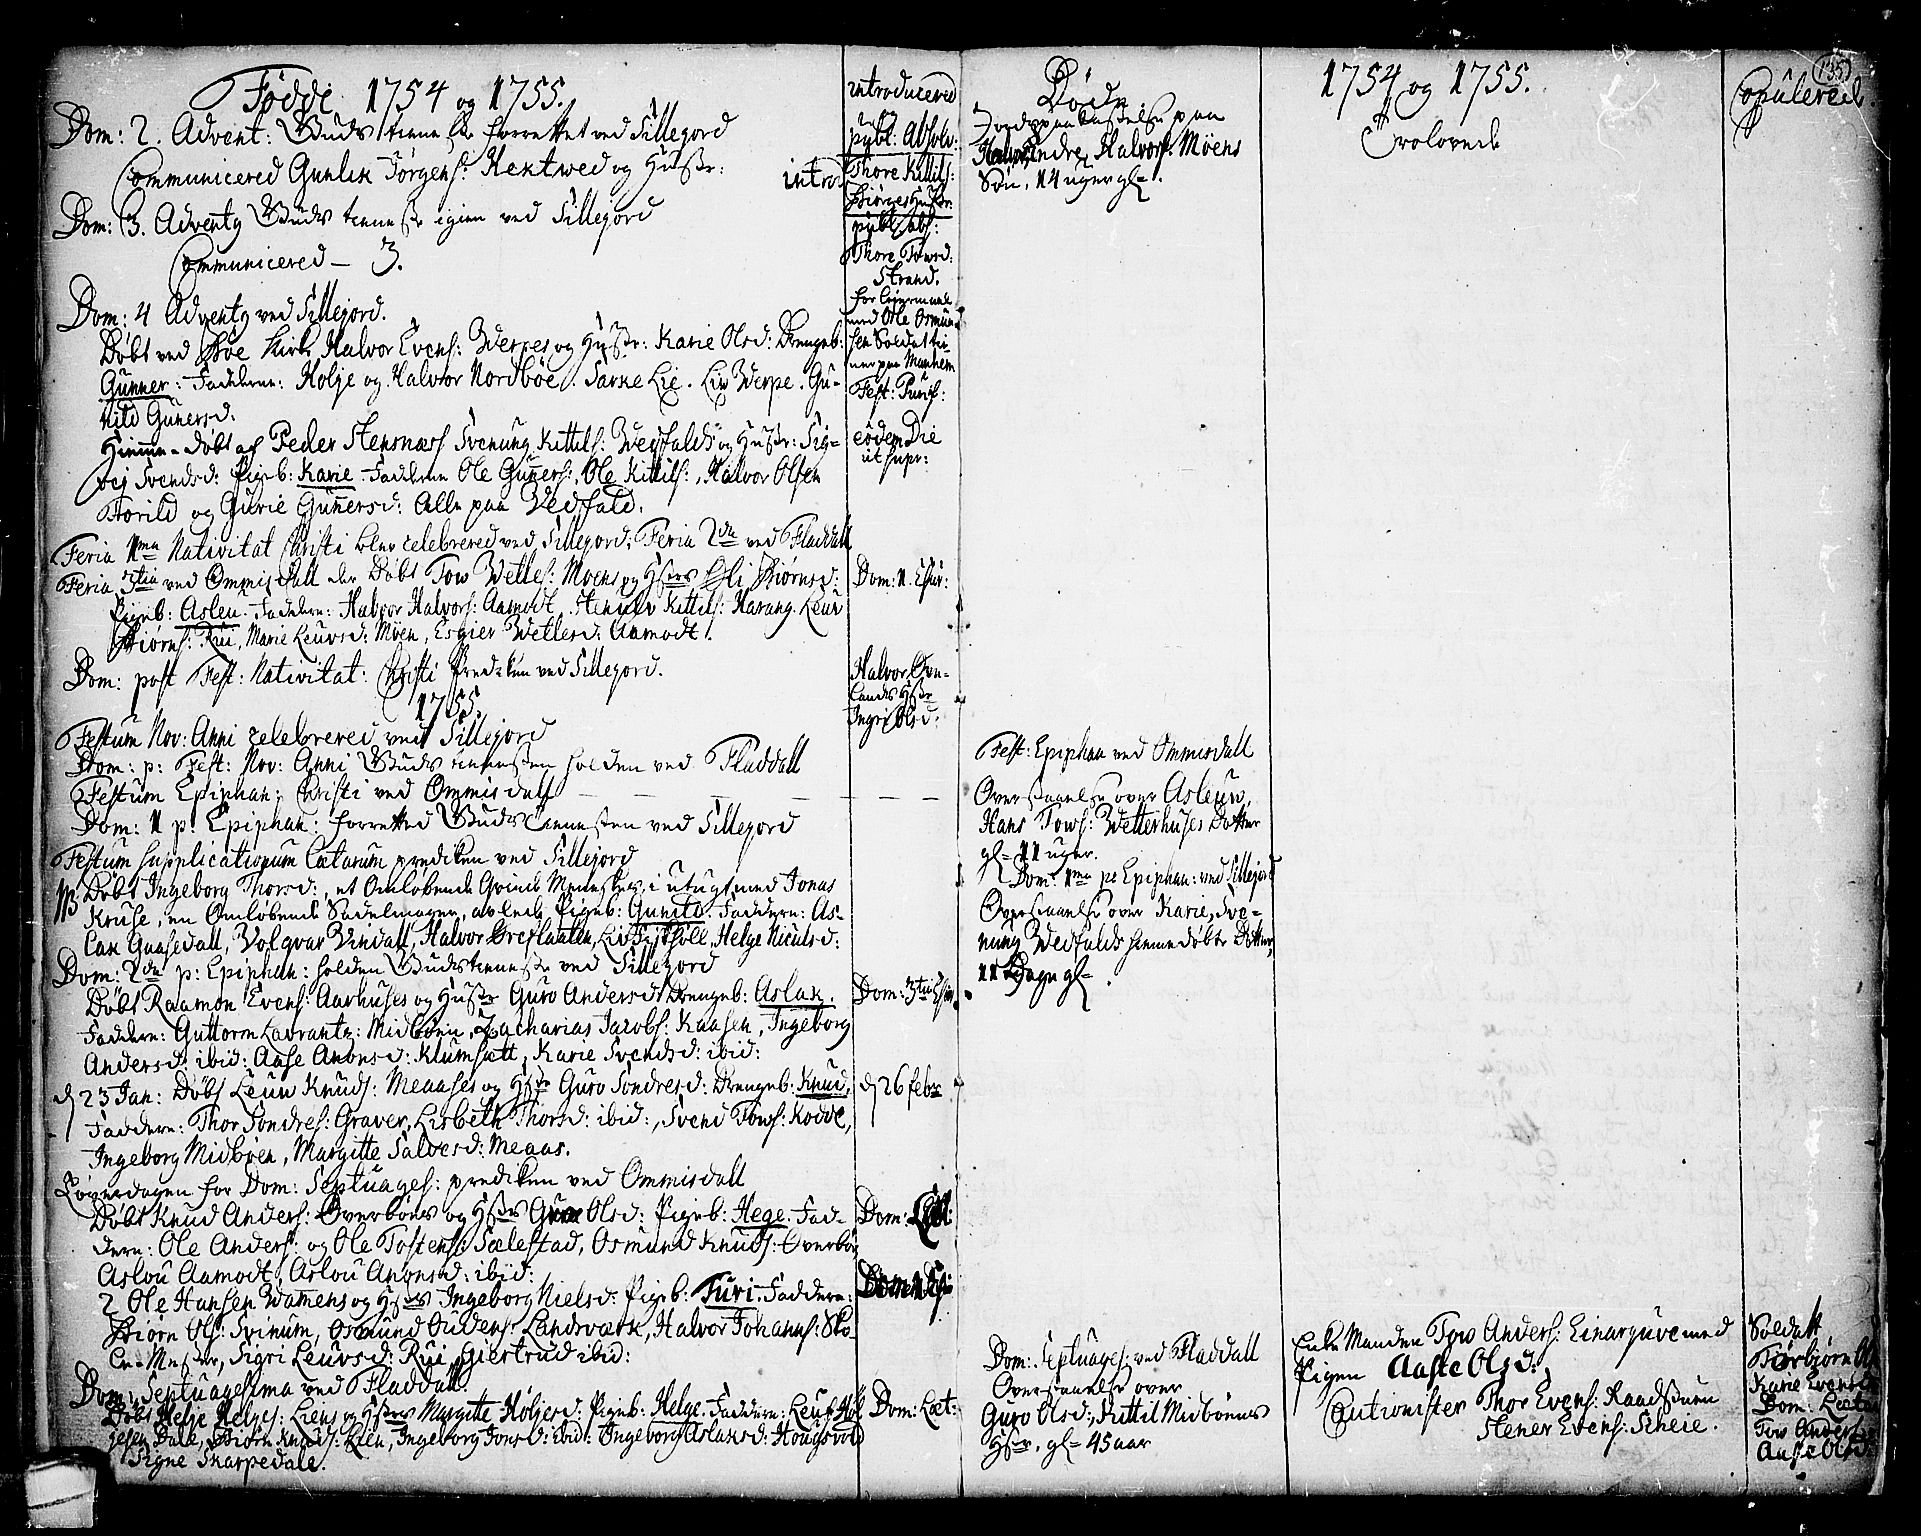 SAKO, Seljord kirkebøker, F/Fa/L0006: Ministerialbok nr. I 6, 1744-1755, s. 135